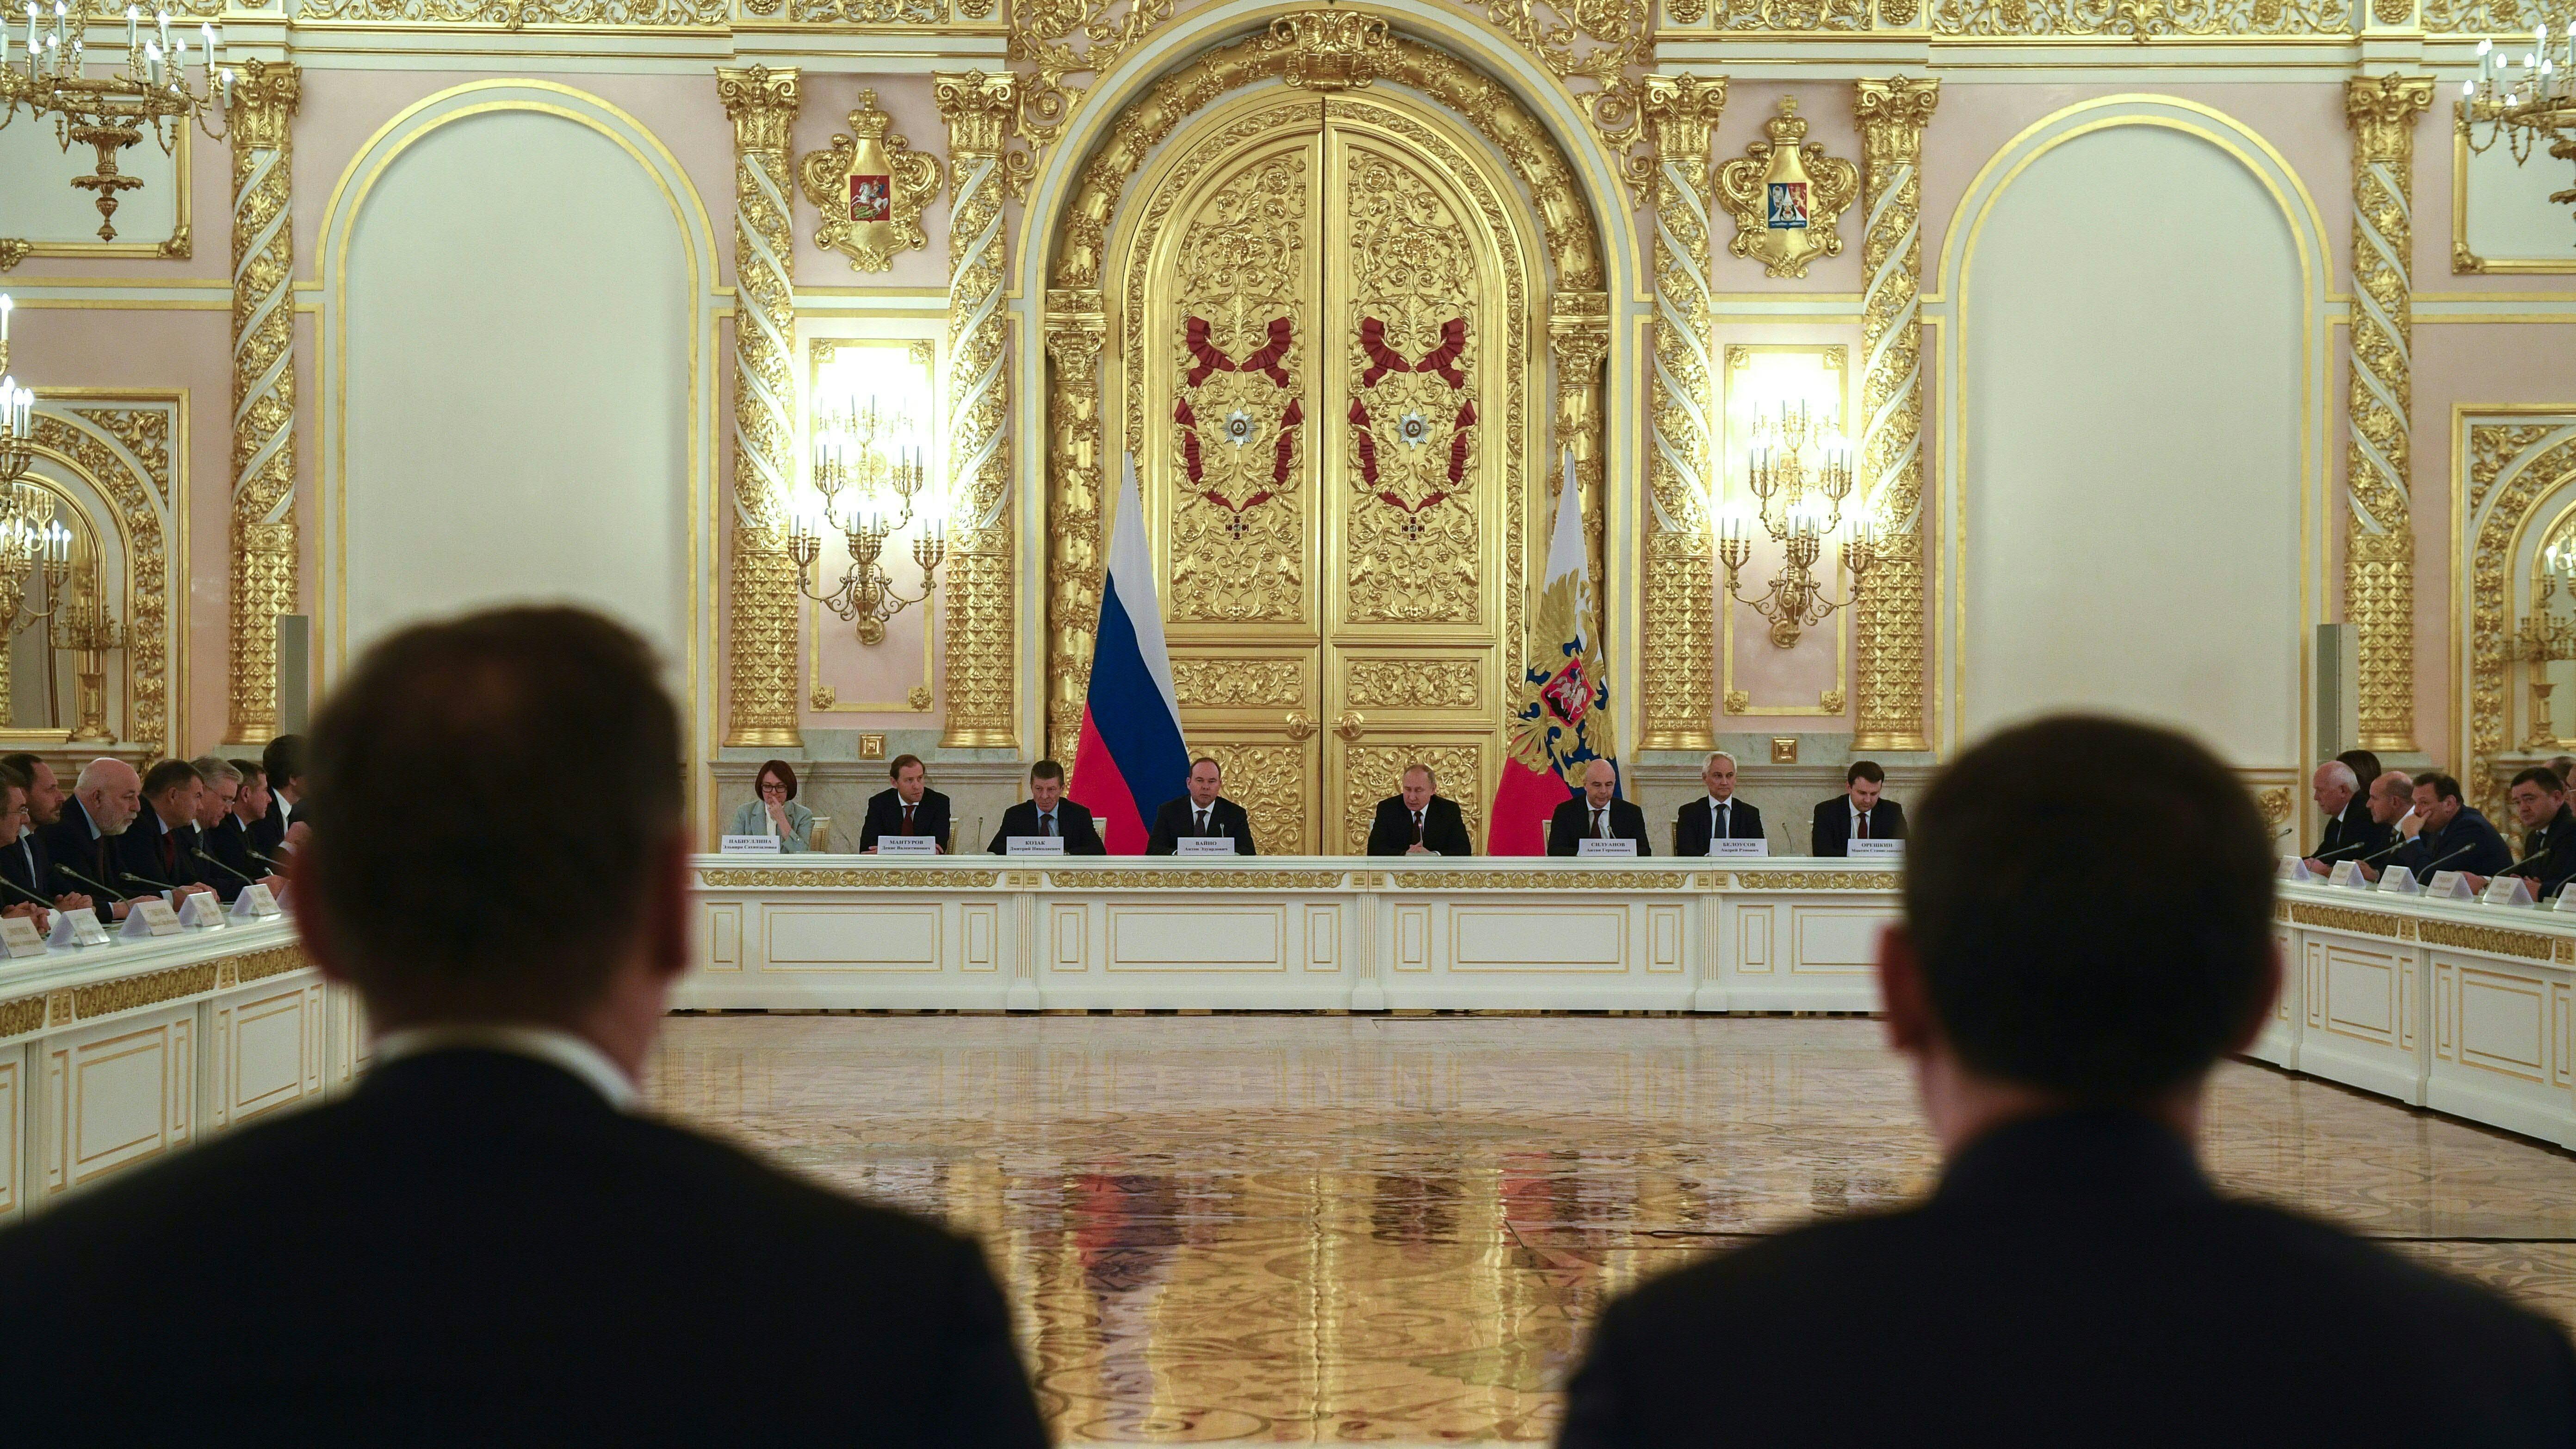 Russian President Vladimir Putin attends a meeting